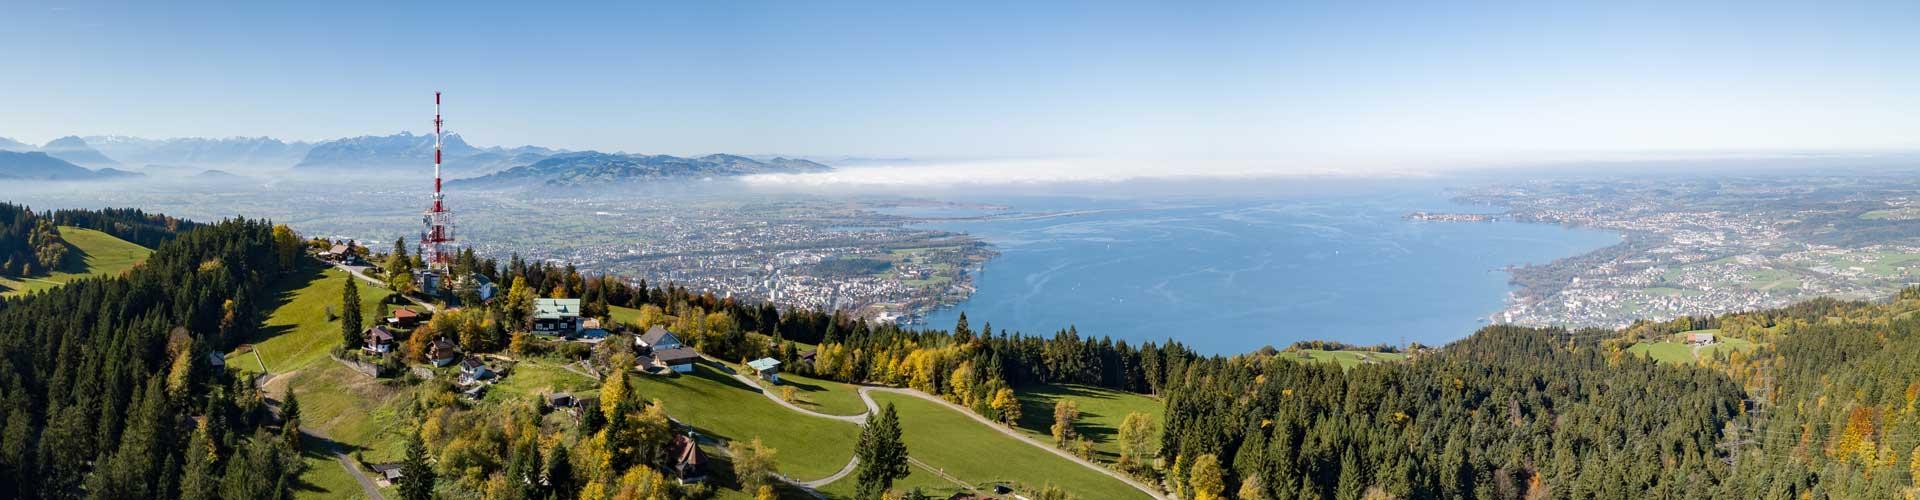 Immobilien rund um den Bodensee